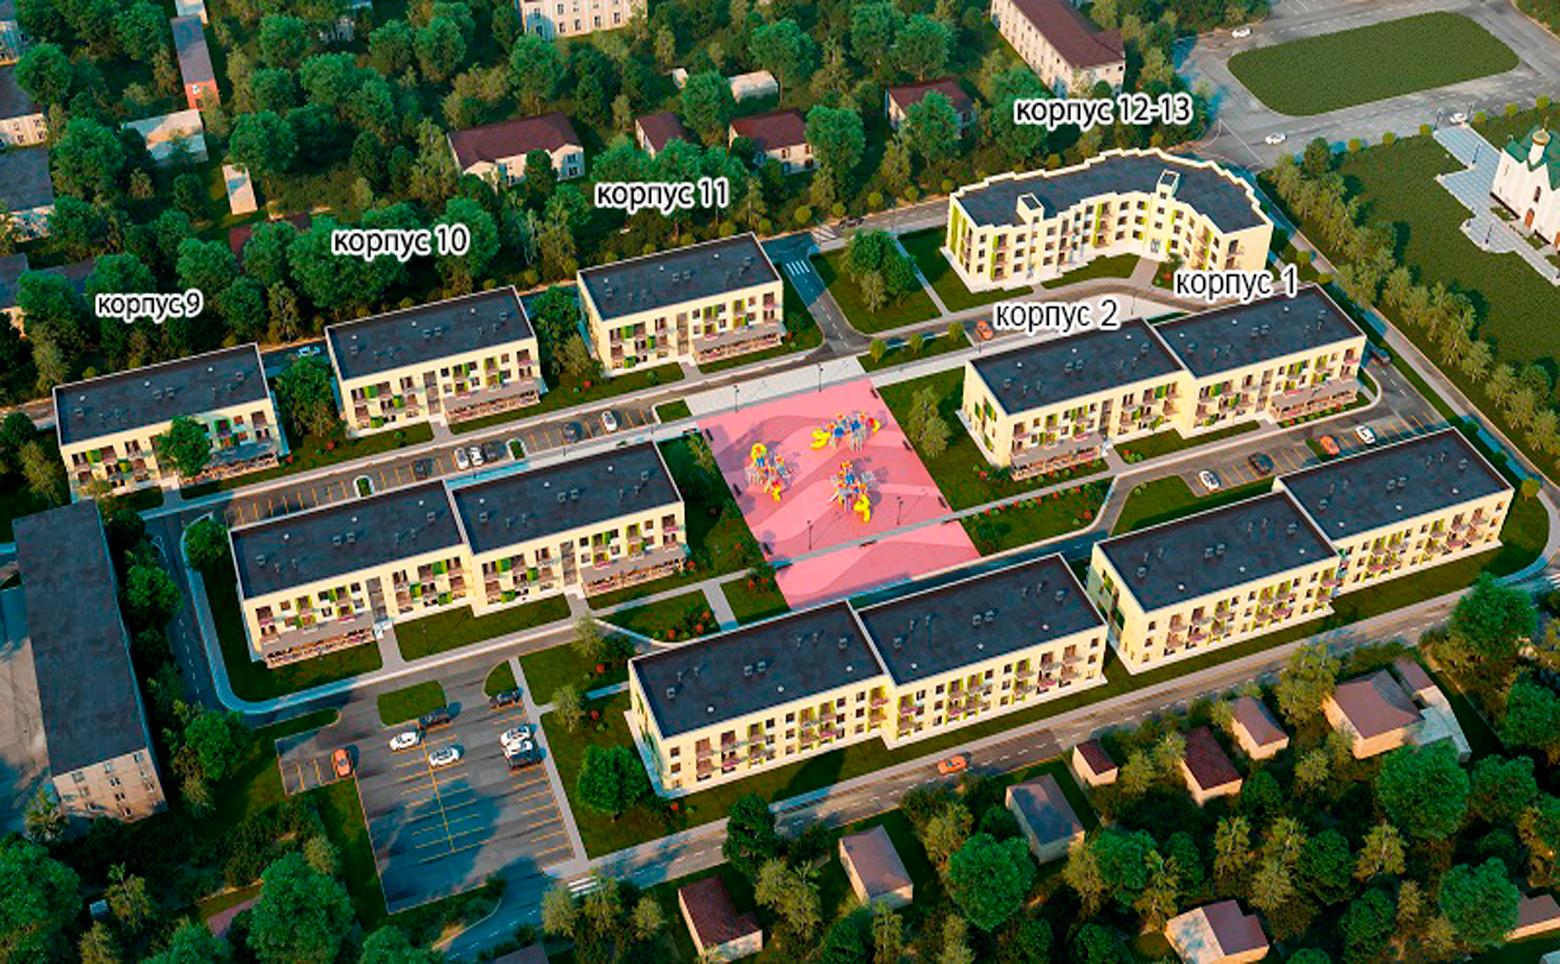 План жилого комплекса ЖК Дубровка на Неве